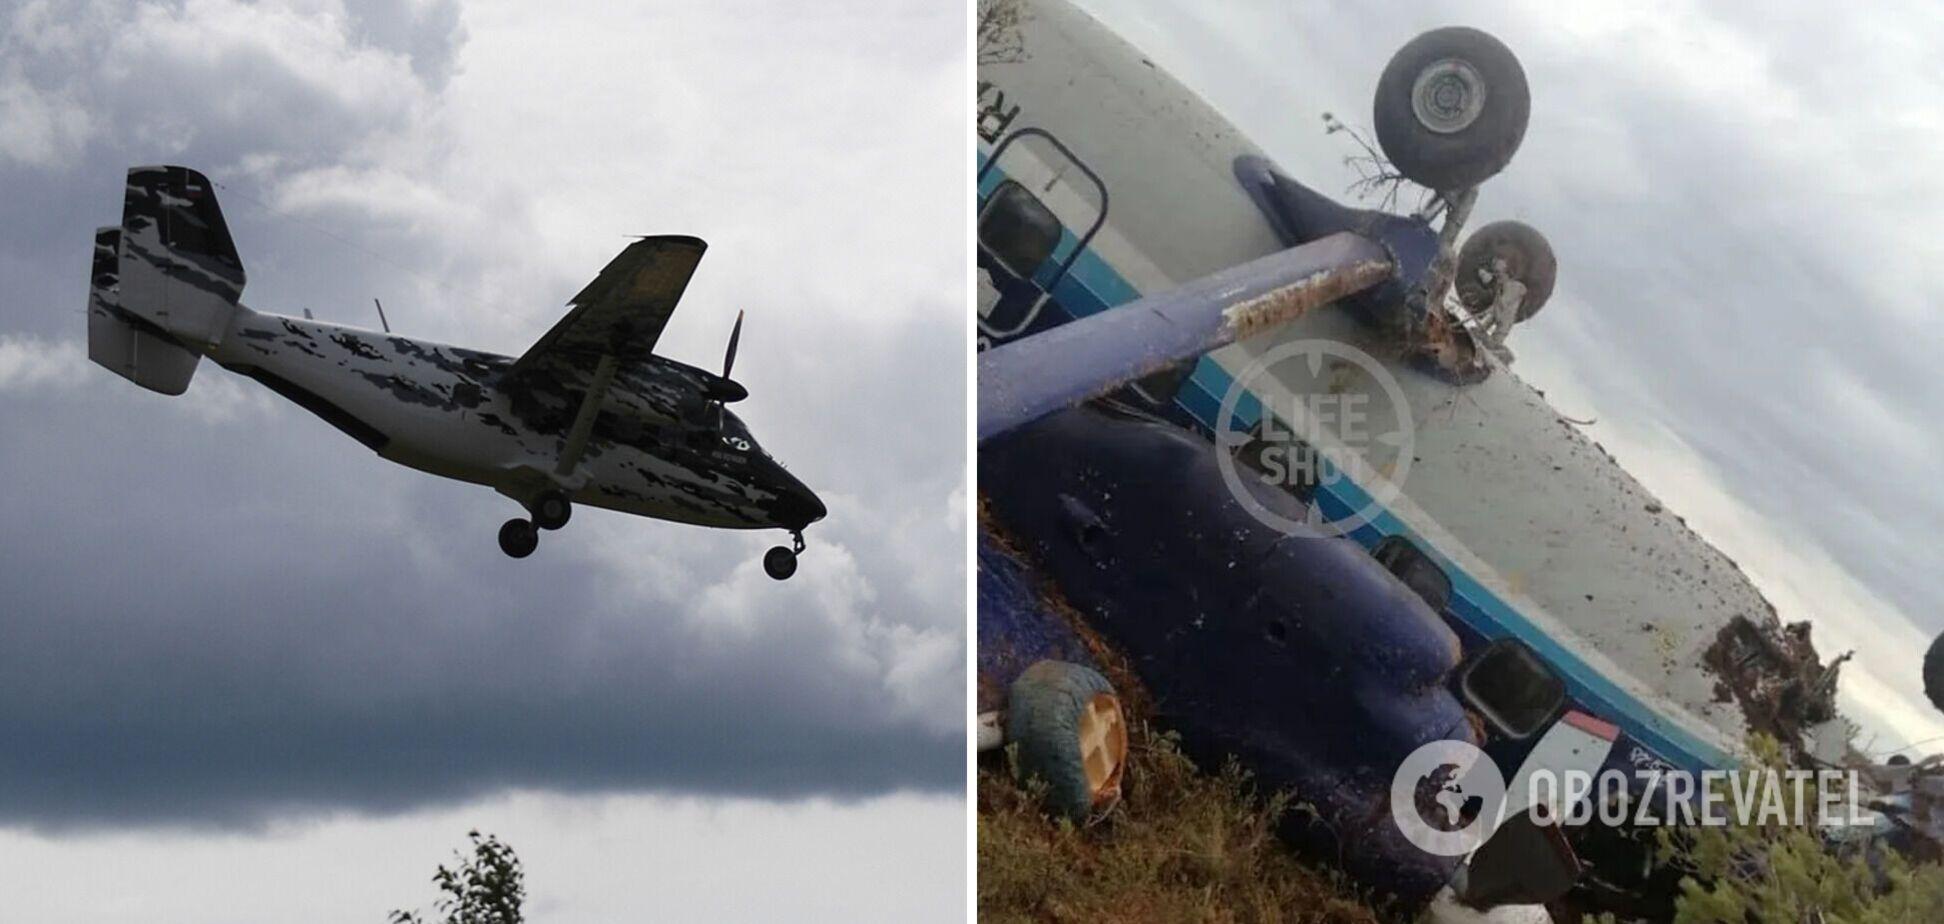 Пасажир літака, що жорстко сів у Росії, розповів деталі НП: діти плакали, а люди молилися